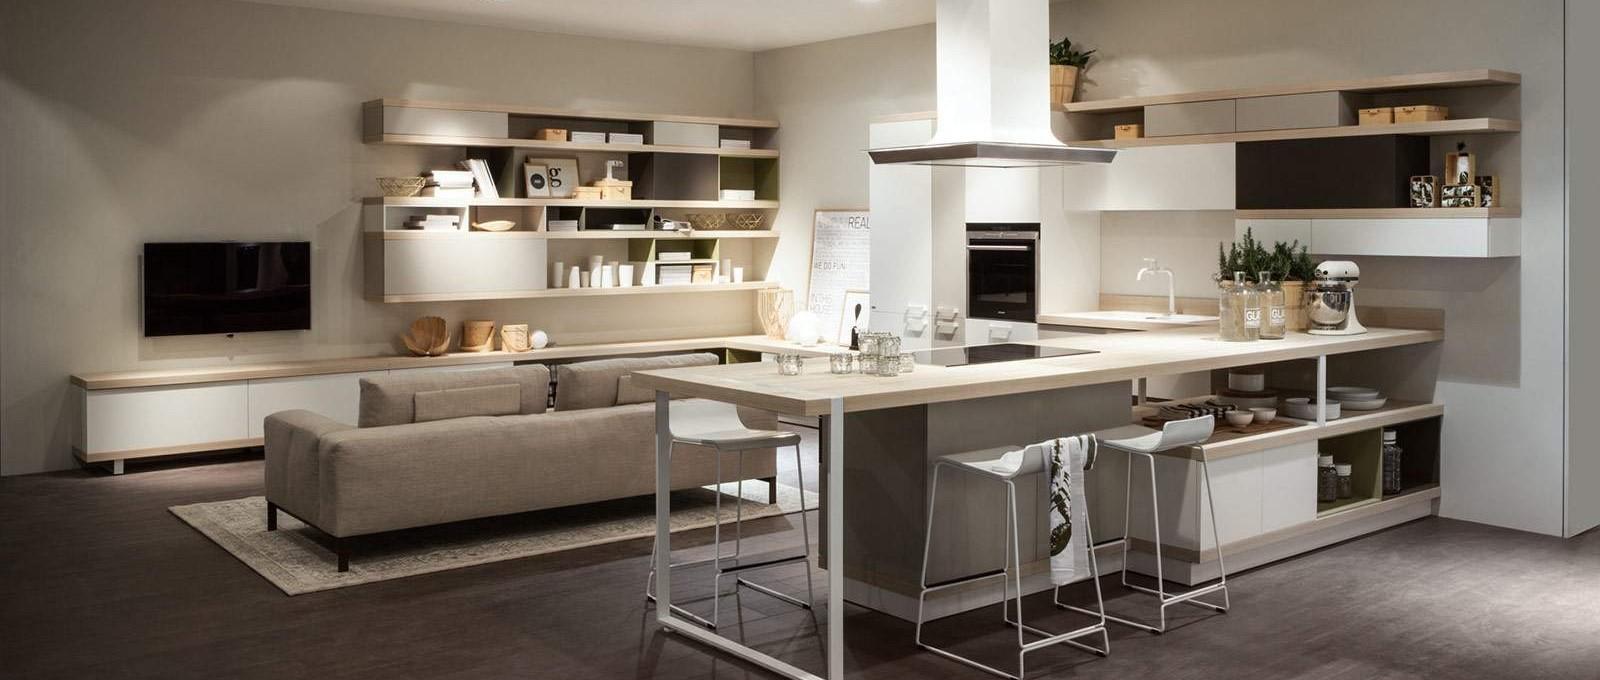 Arredamento moderno soggiorno cucina bs92 pineglen for Arredamenti bari e provincia